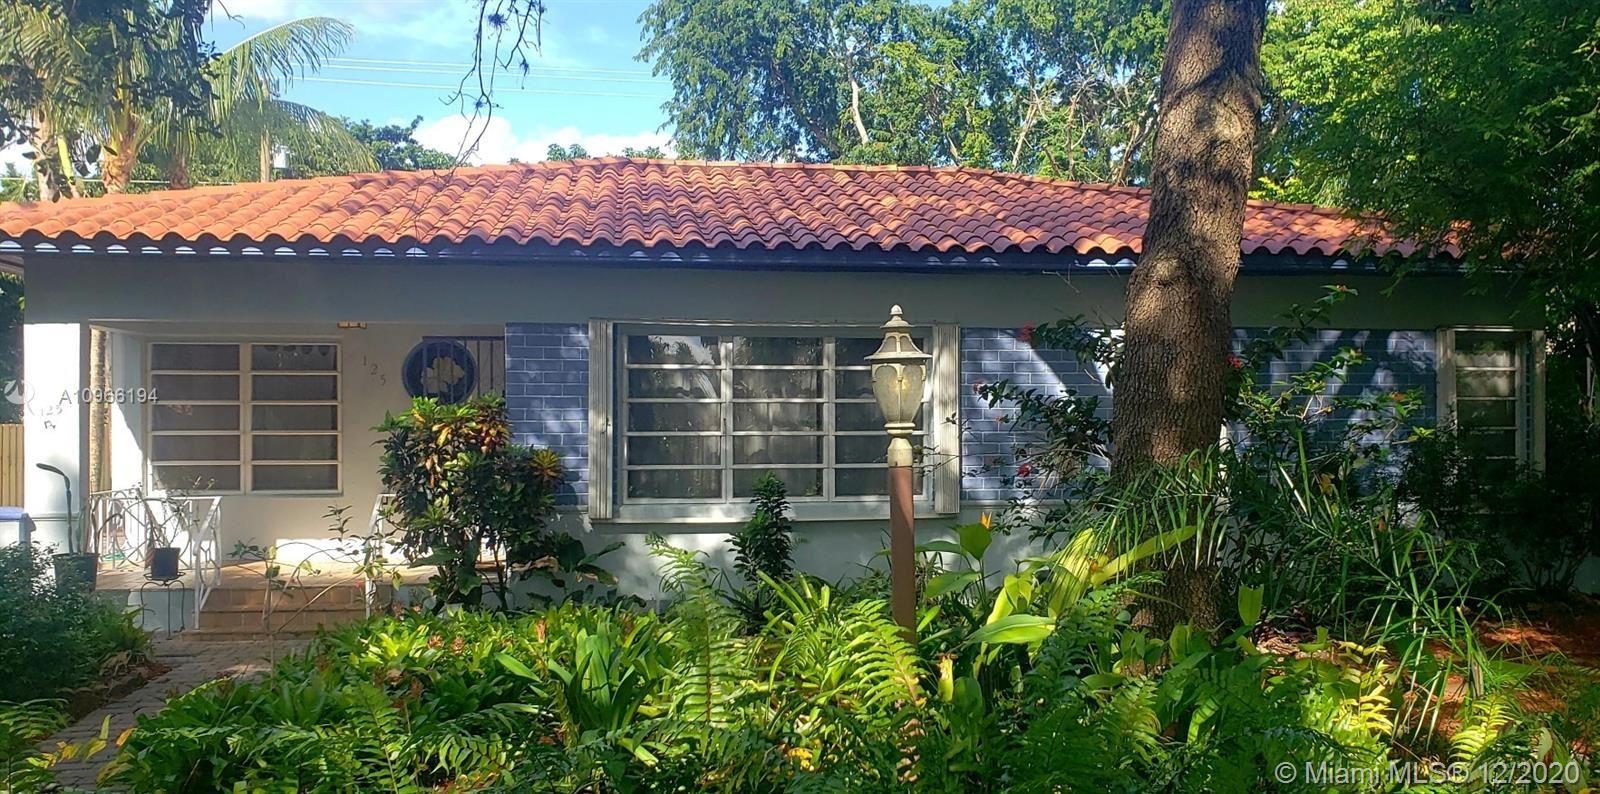 125 NE 110th St, Miami Shores, FL 33161 - #: A10966194